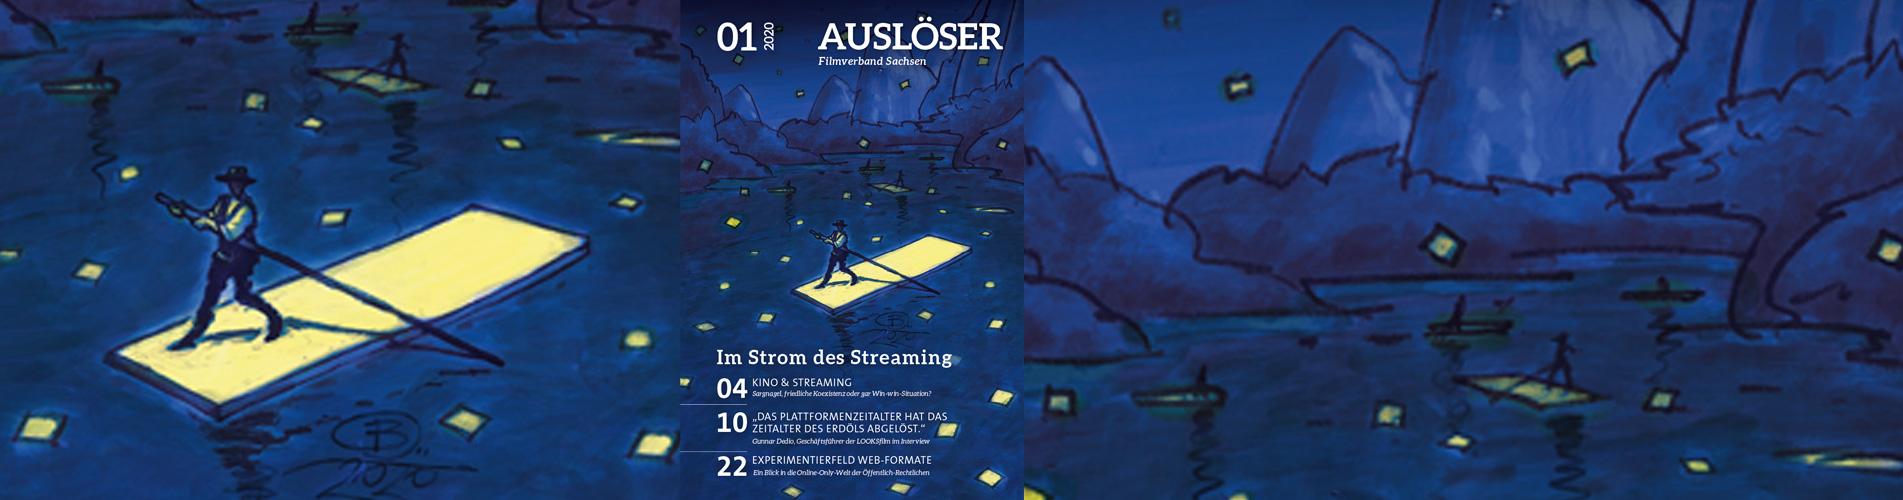 Bild zum Motto: Online: AUSLÖSER 01/2020